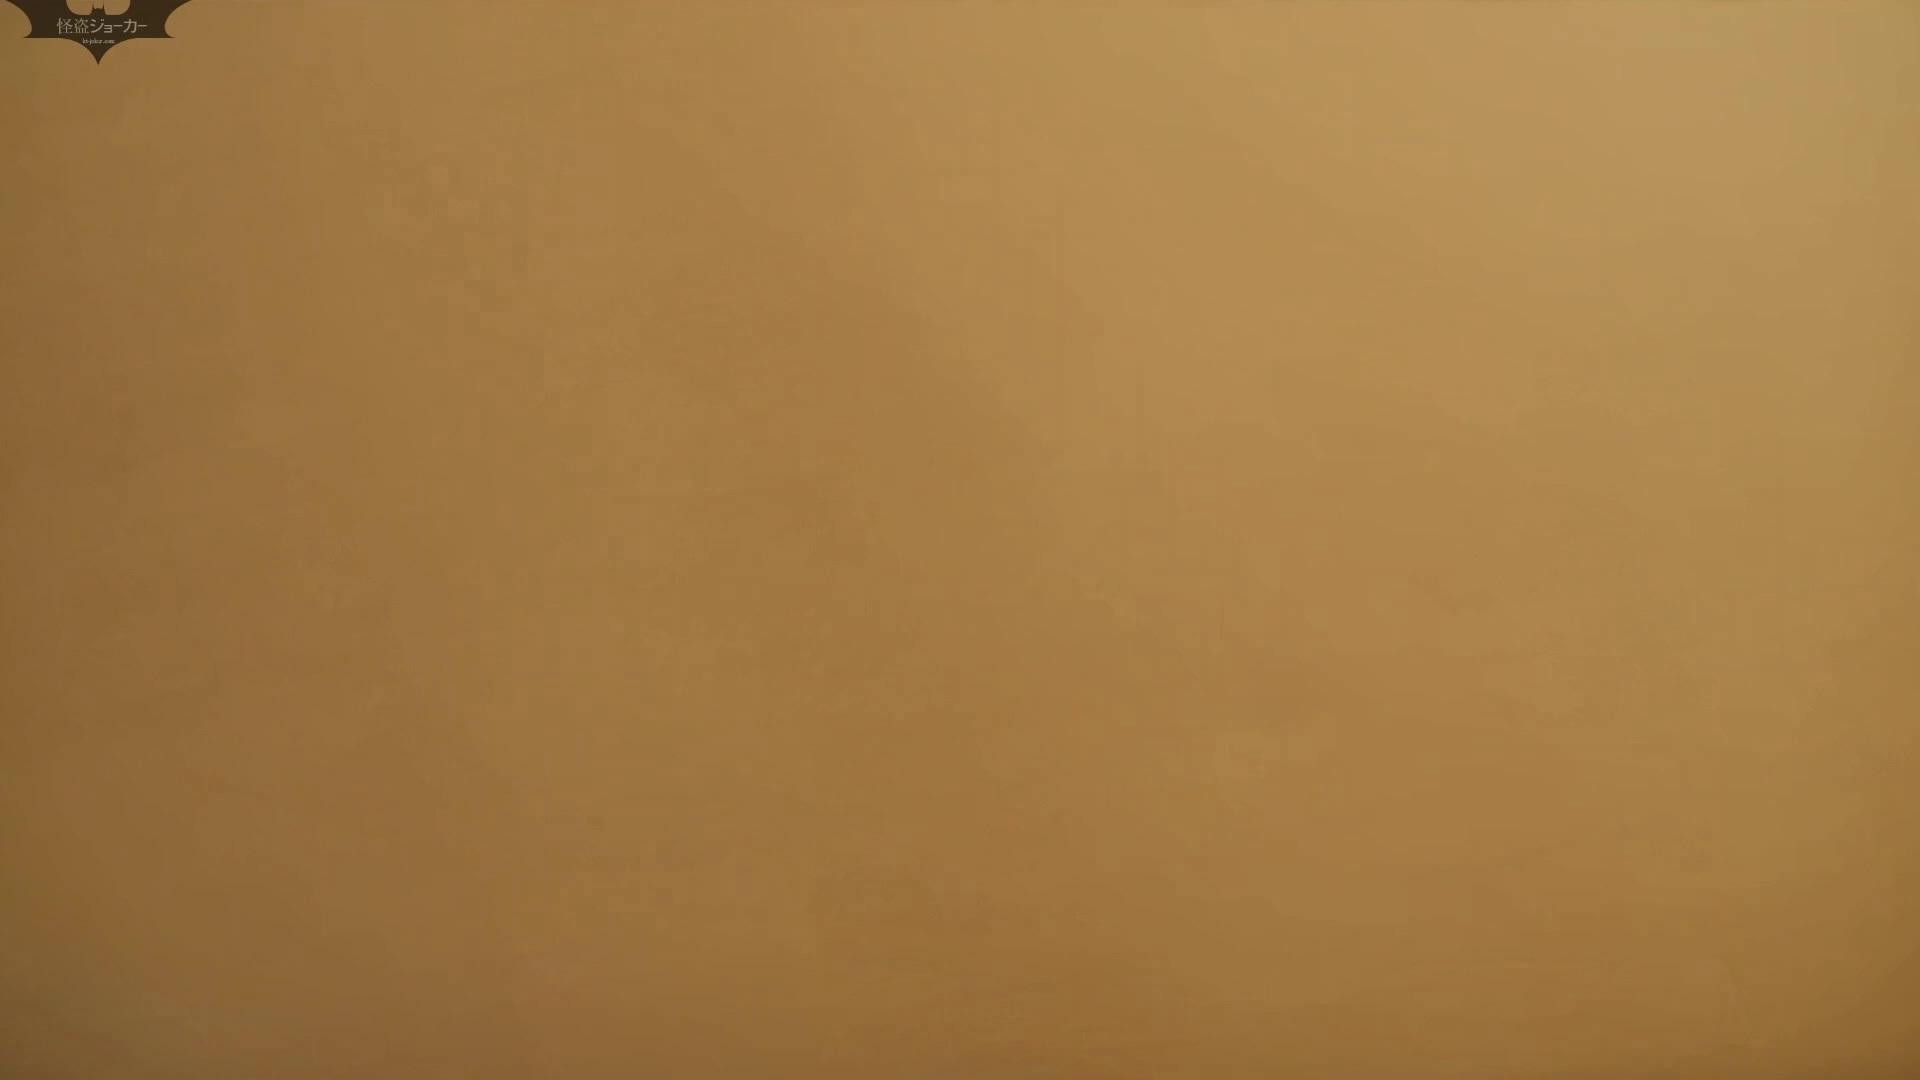 阿国ちゃんの和式洋式七変化 Vol.24 すっごくピクピクしてます。 丸見え すけべAV動画紹介 89枚 45